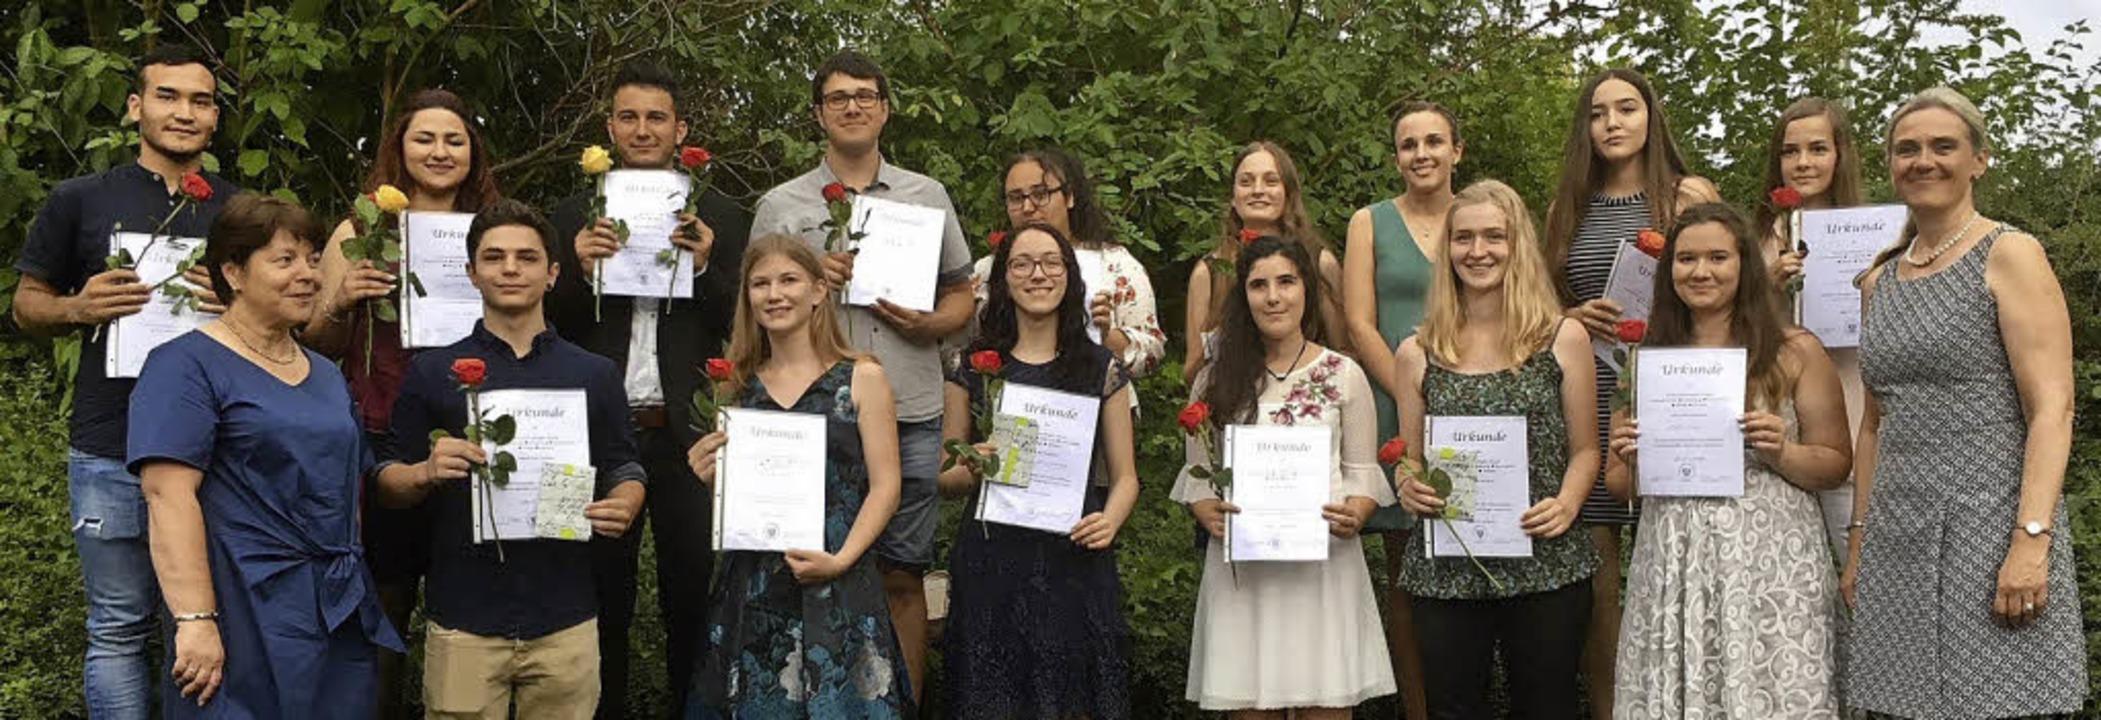 <BZ-FotoAnlauf>Maria-Furtwängler-Schul...en und Absolventen  mit Preis und Lob   | Foto: Schule